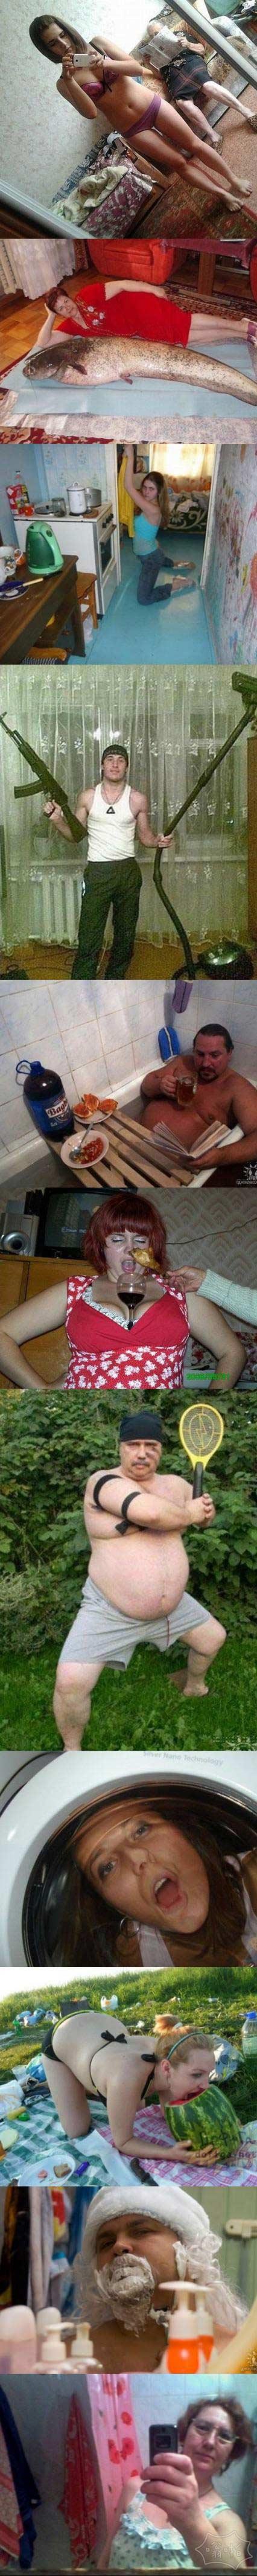 俄罗斯社交网站令人费解的照片